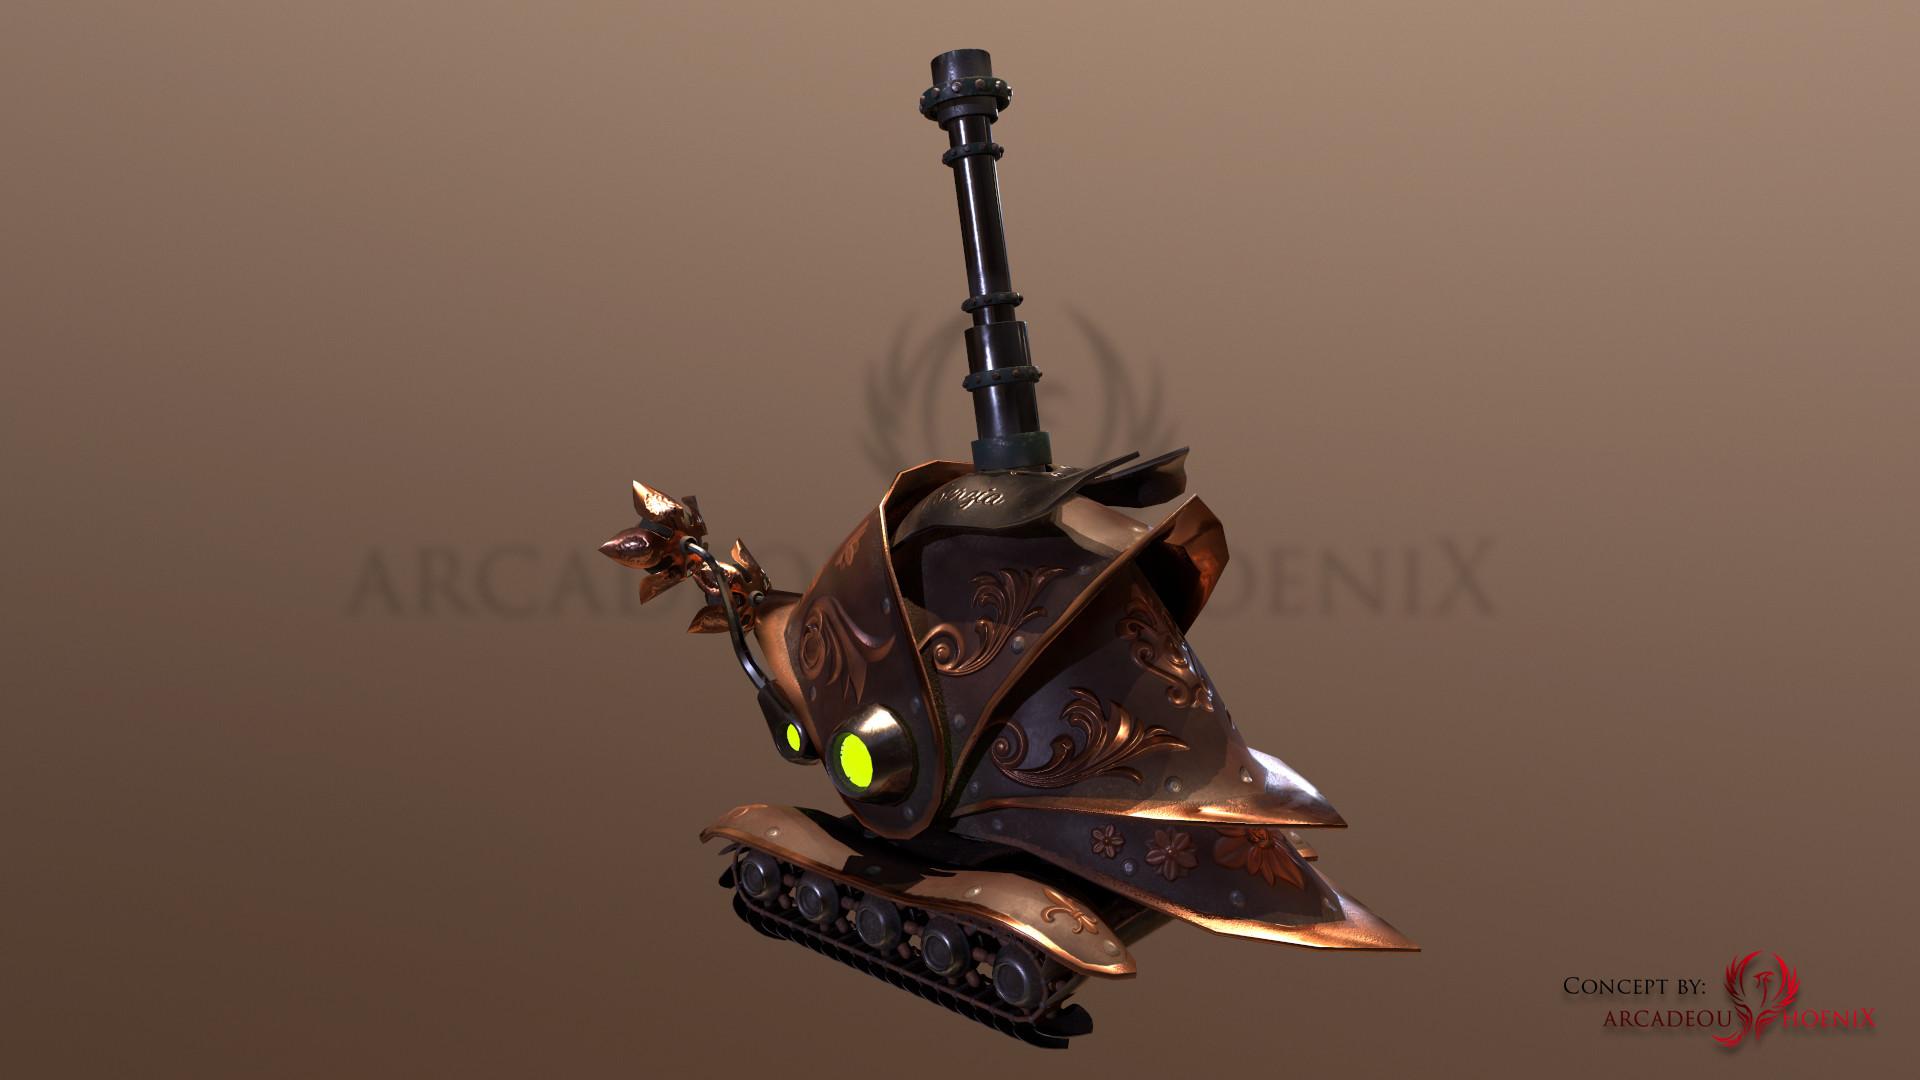 Arcadeous phoenix screenshot002